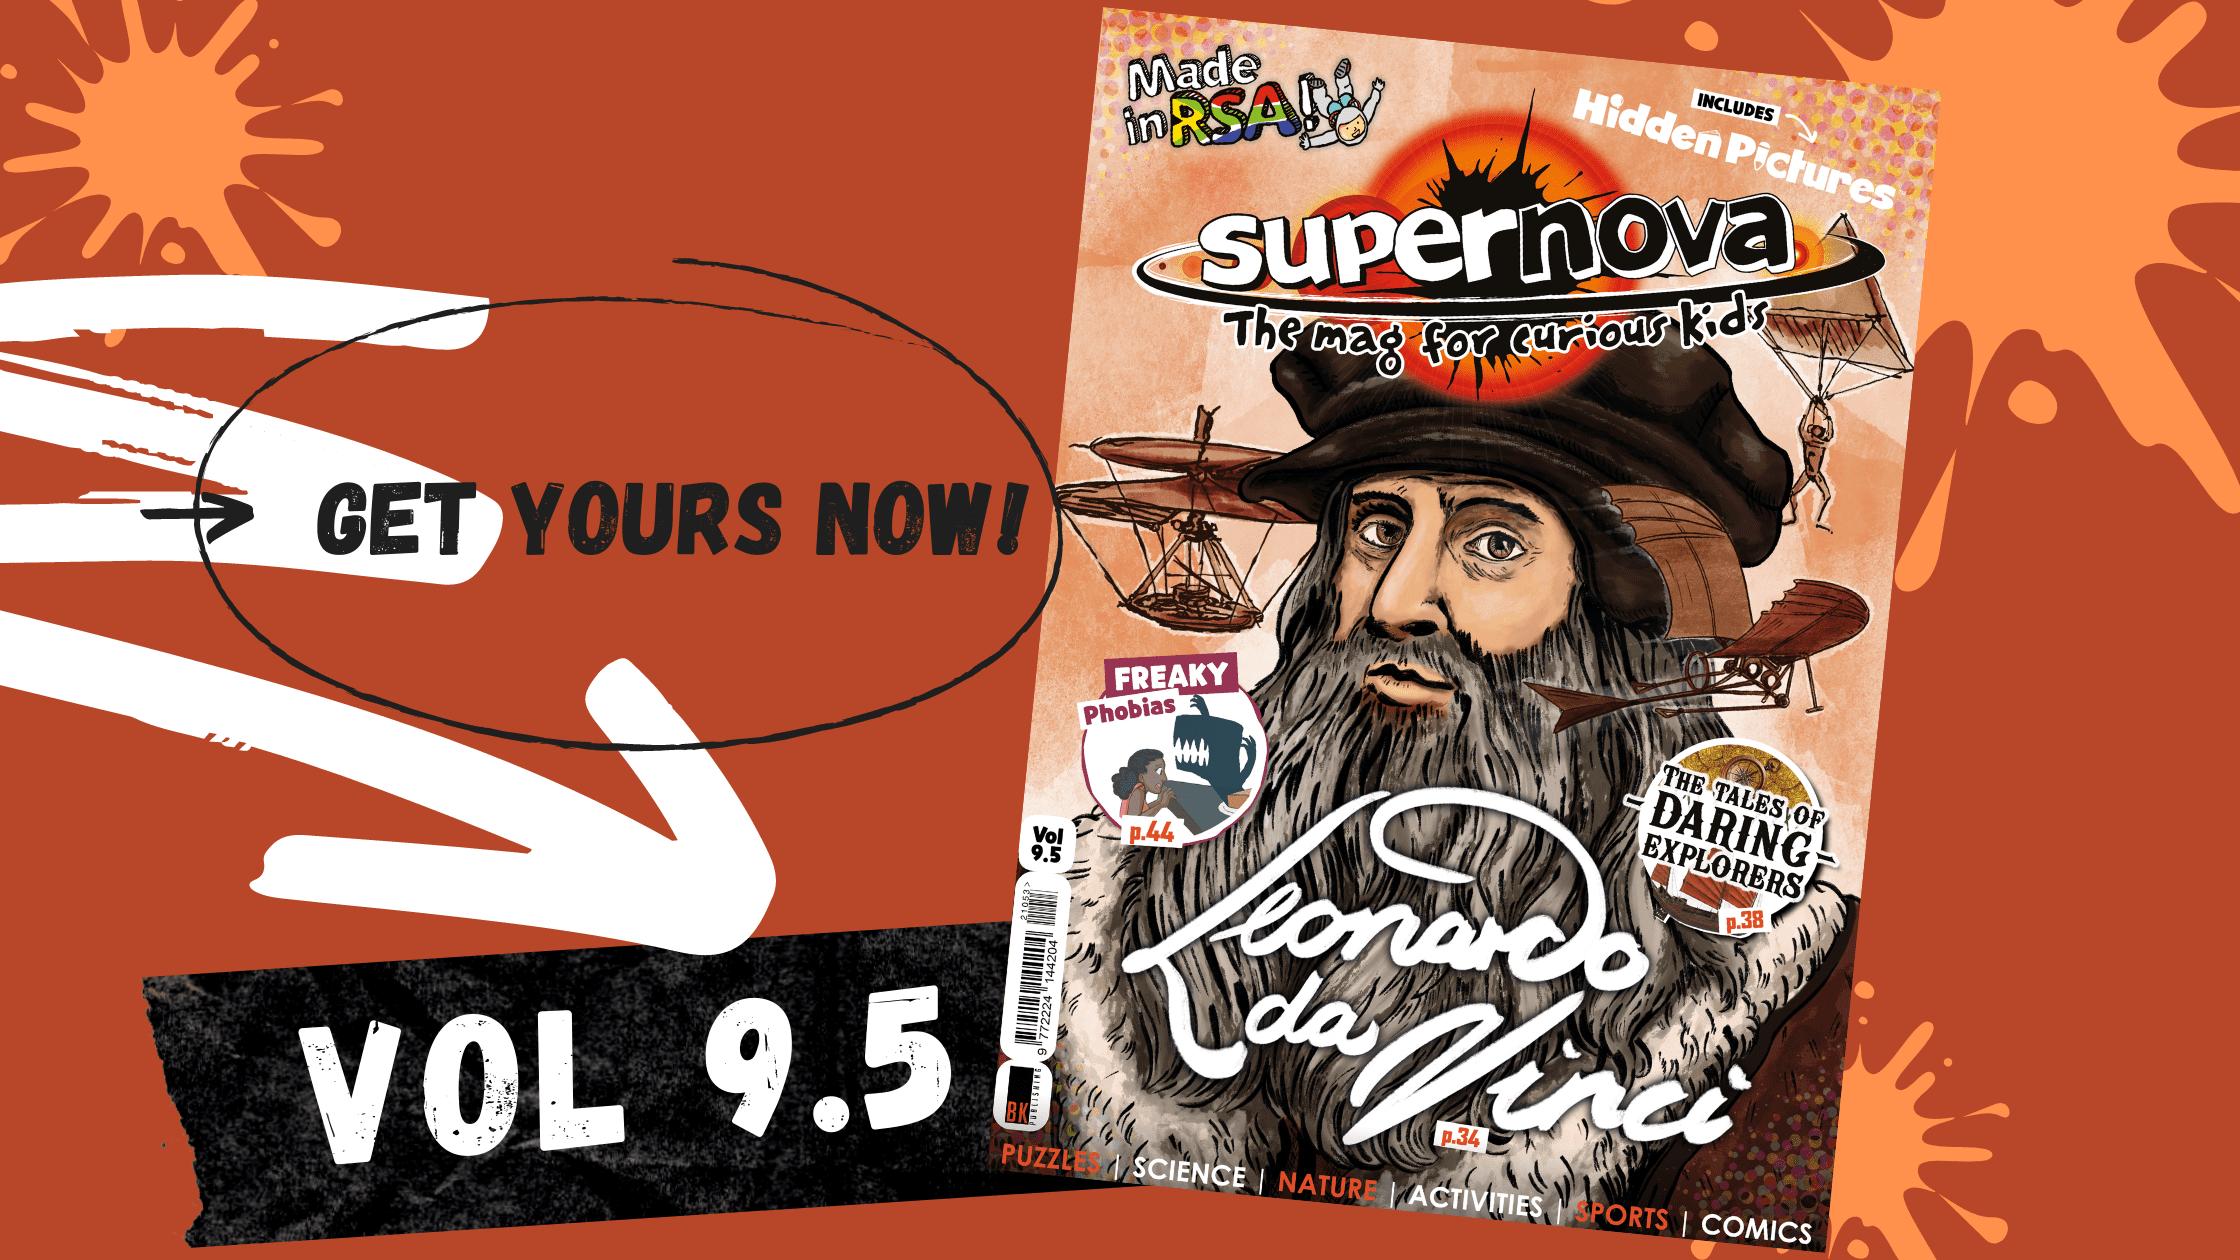 Supernova volume 9.5